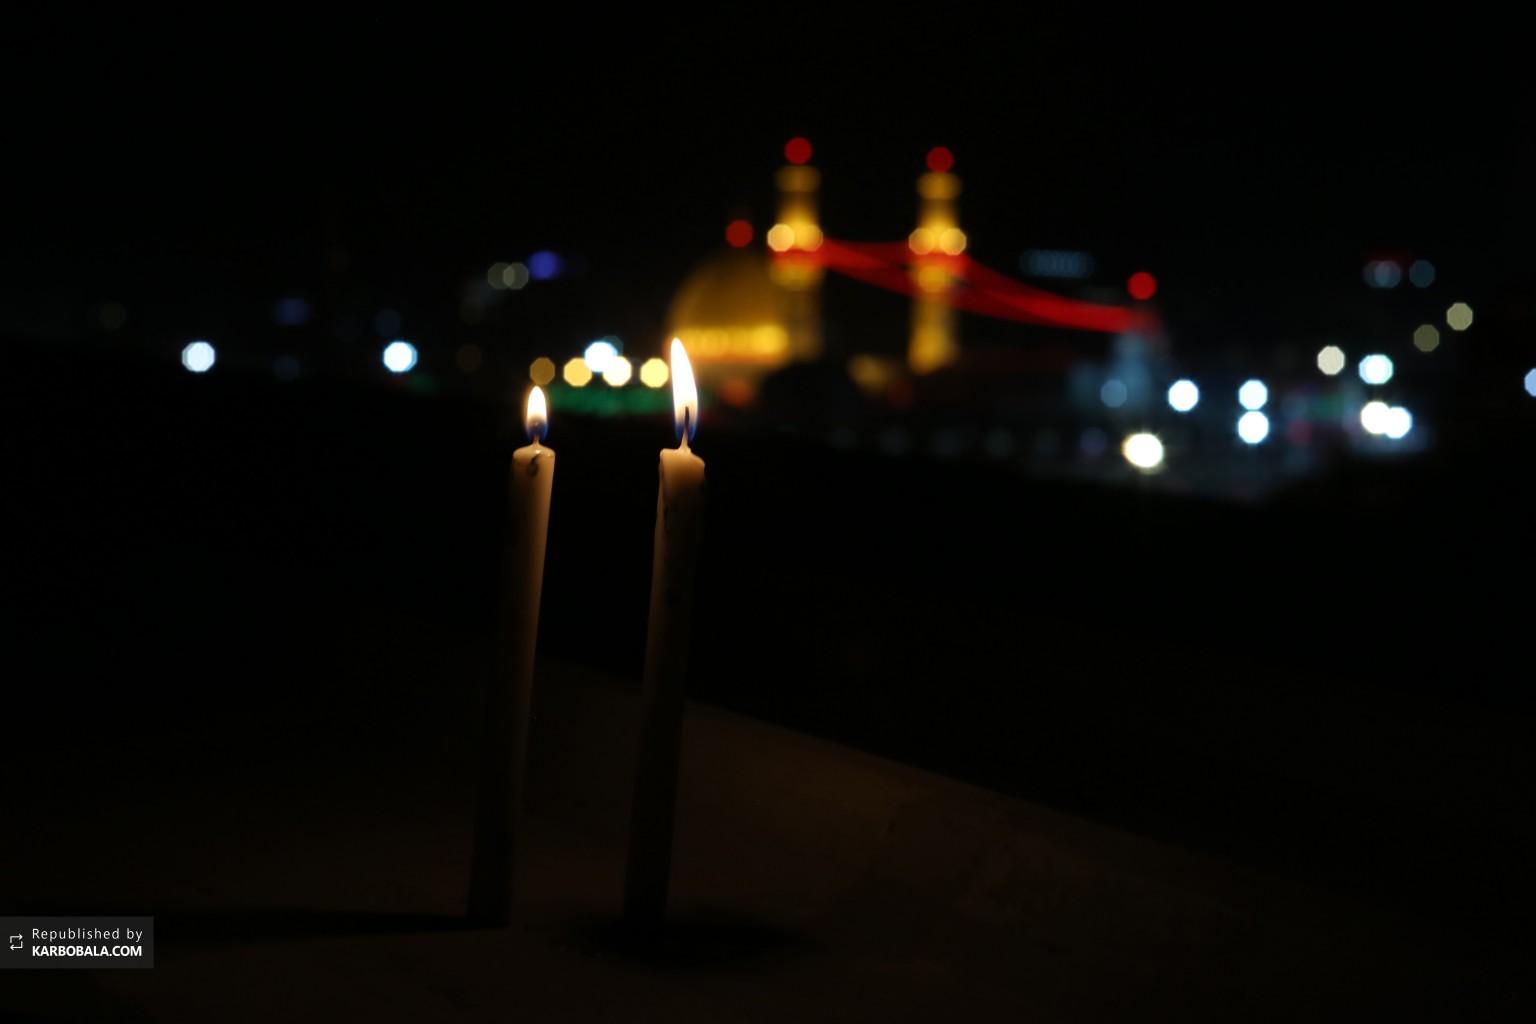 چون شمع در غم شما میسوزیم...